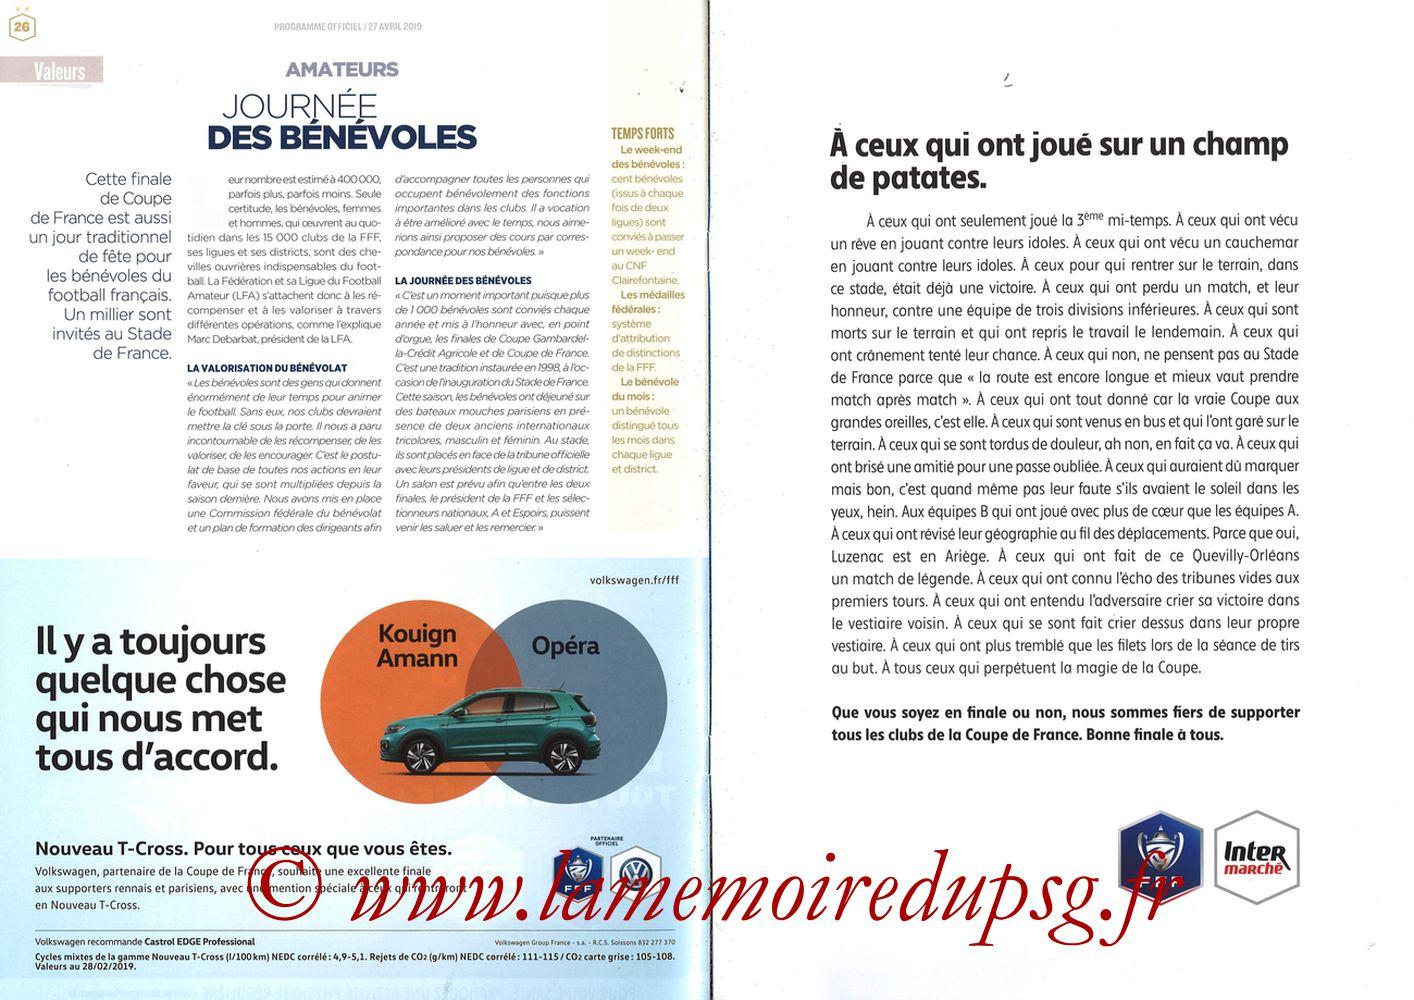 2019-04-27  Rennes-PSG (Finale CF au Stade de France, Programme officiel FFF) - Pages 26 et 27